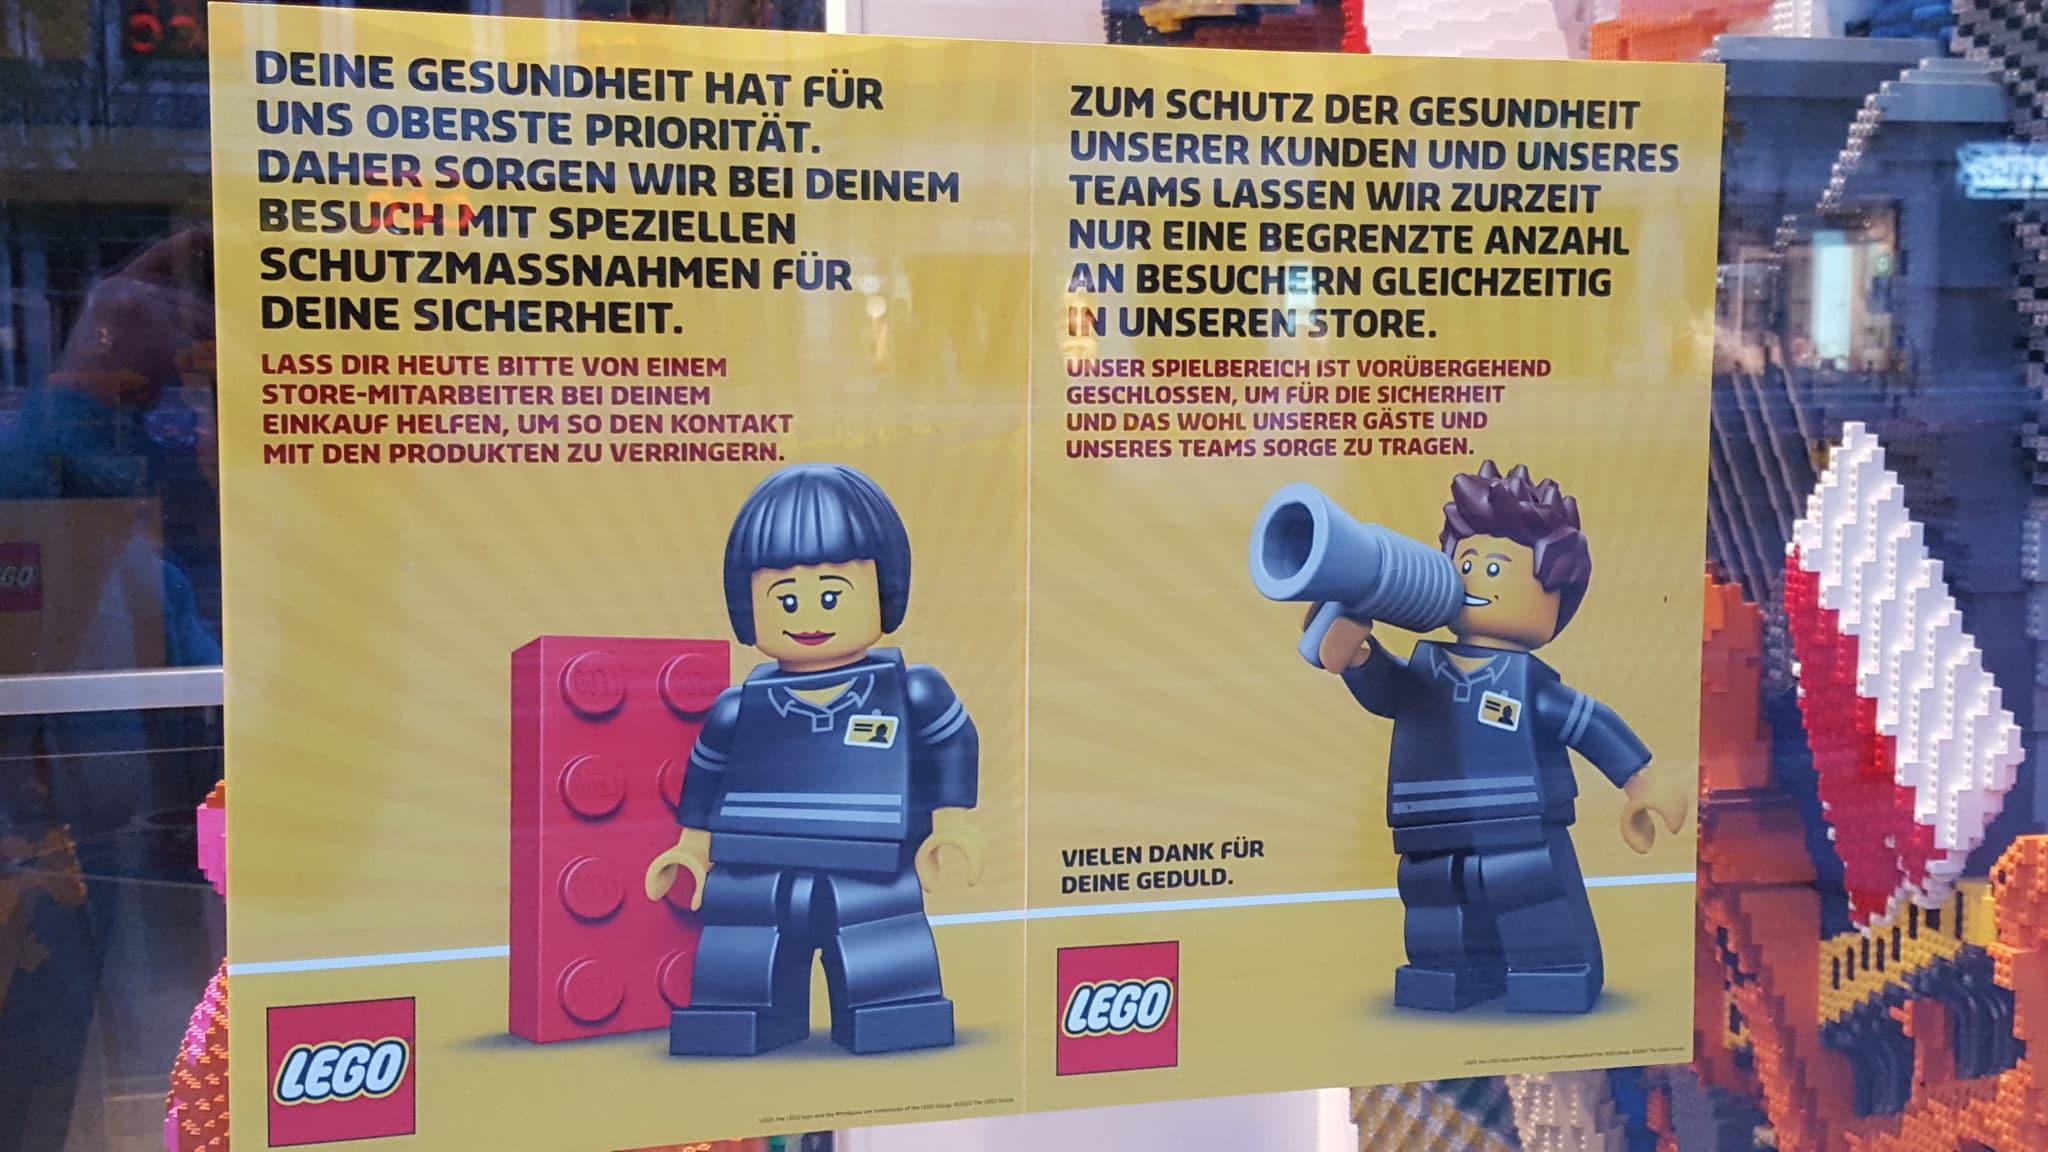 LEGO Stores Sicherheitsvorkehrungen COVID-19